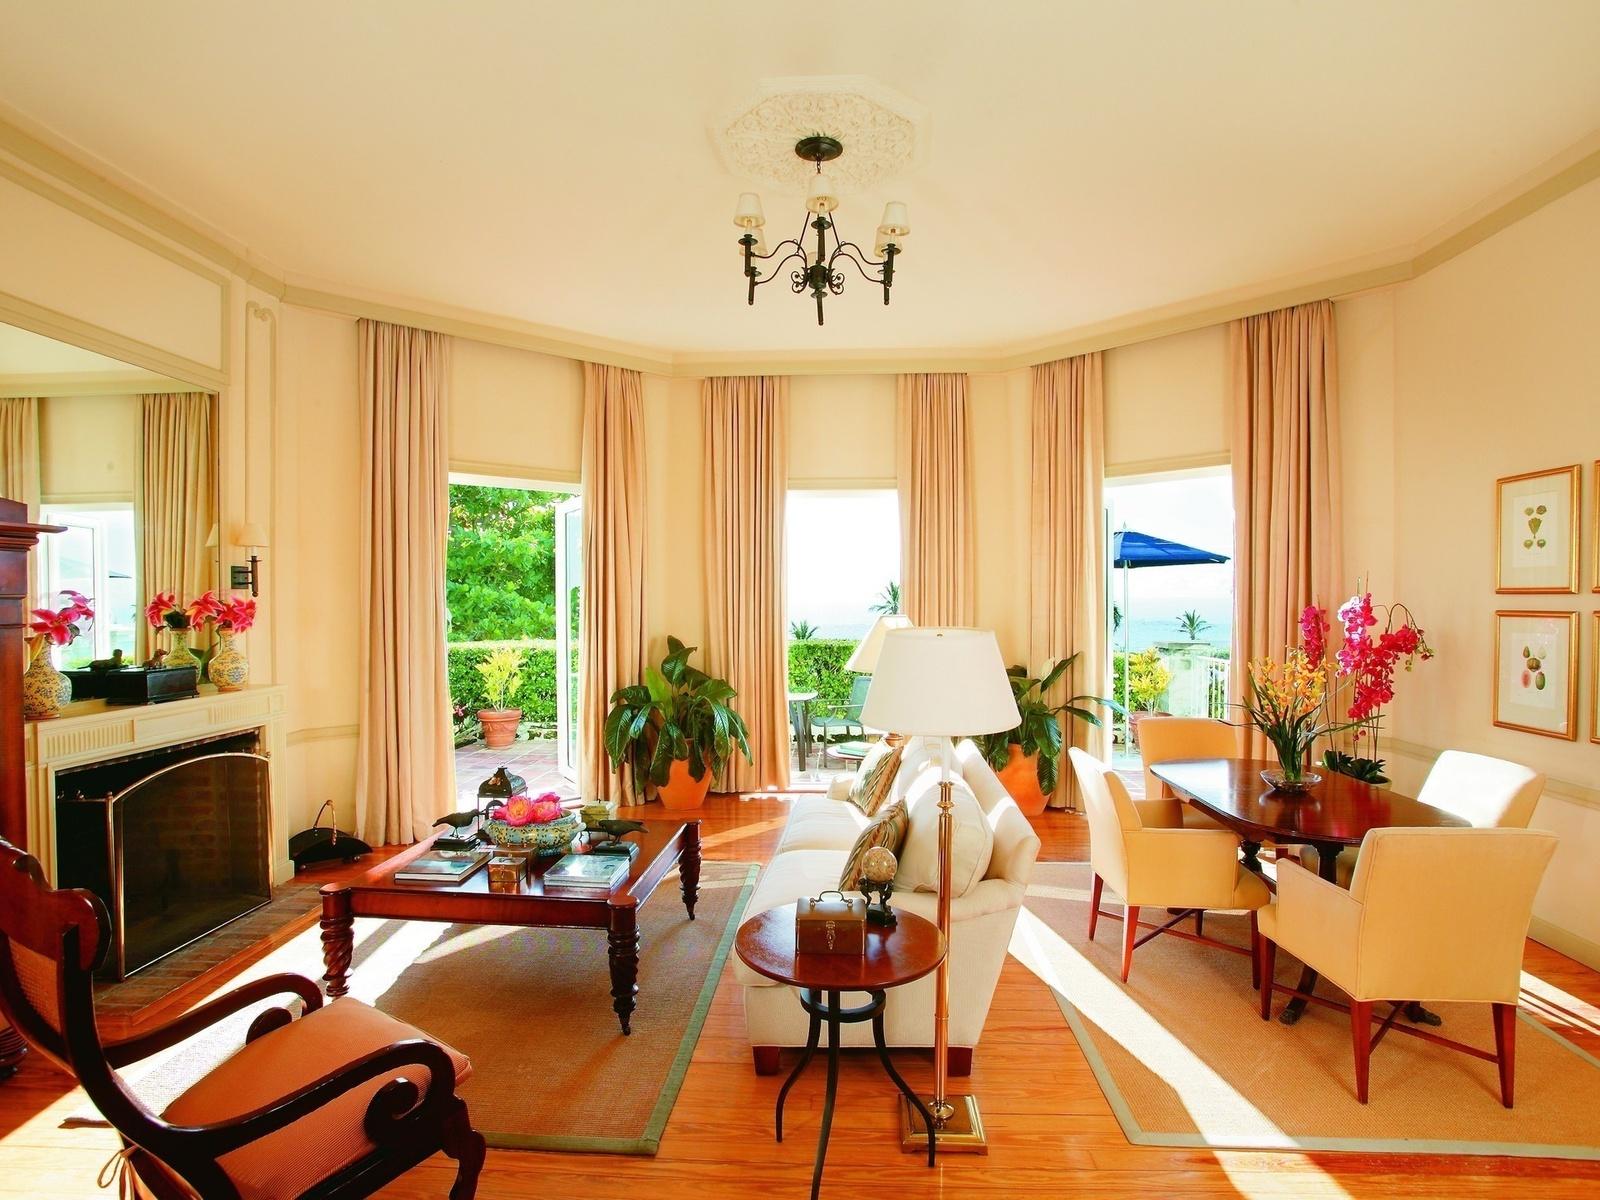 Kukyflor cu les son las flores ideales para decorar mi casa for Decorar mi casa online